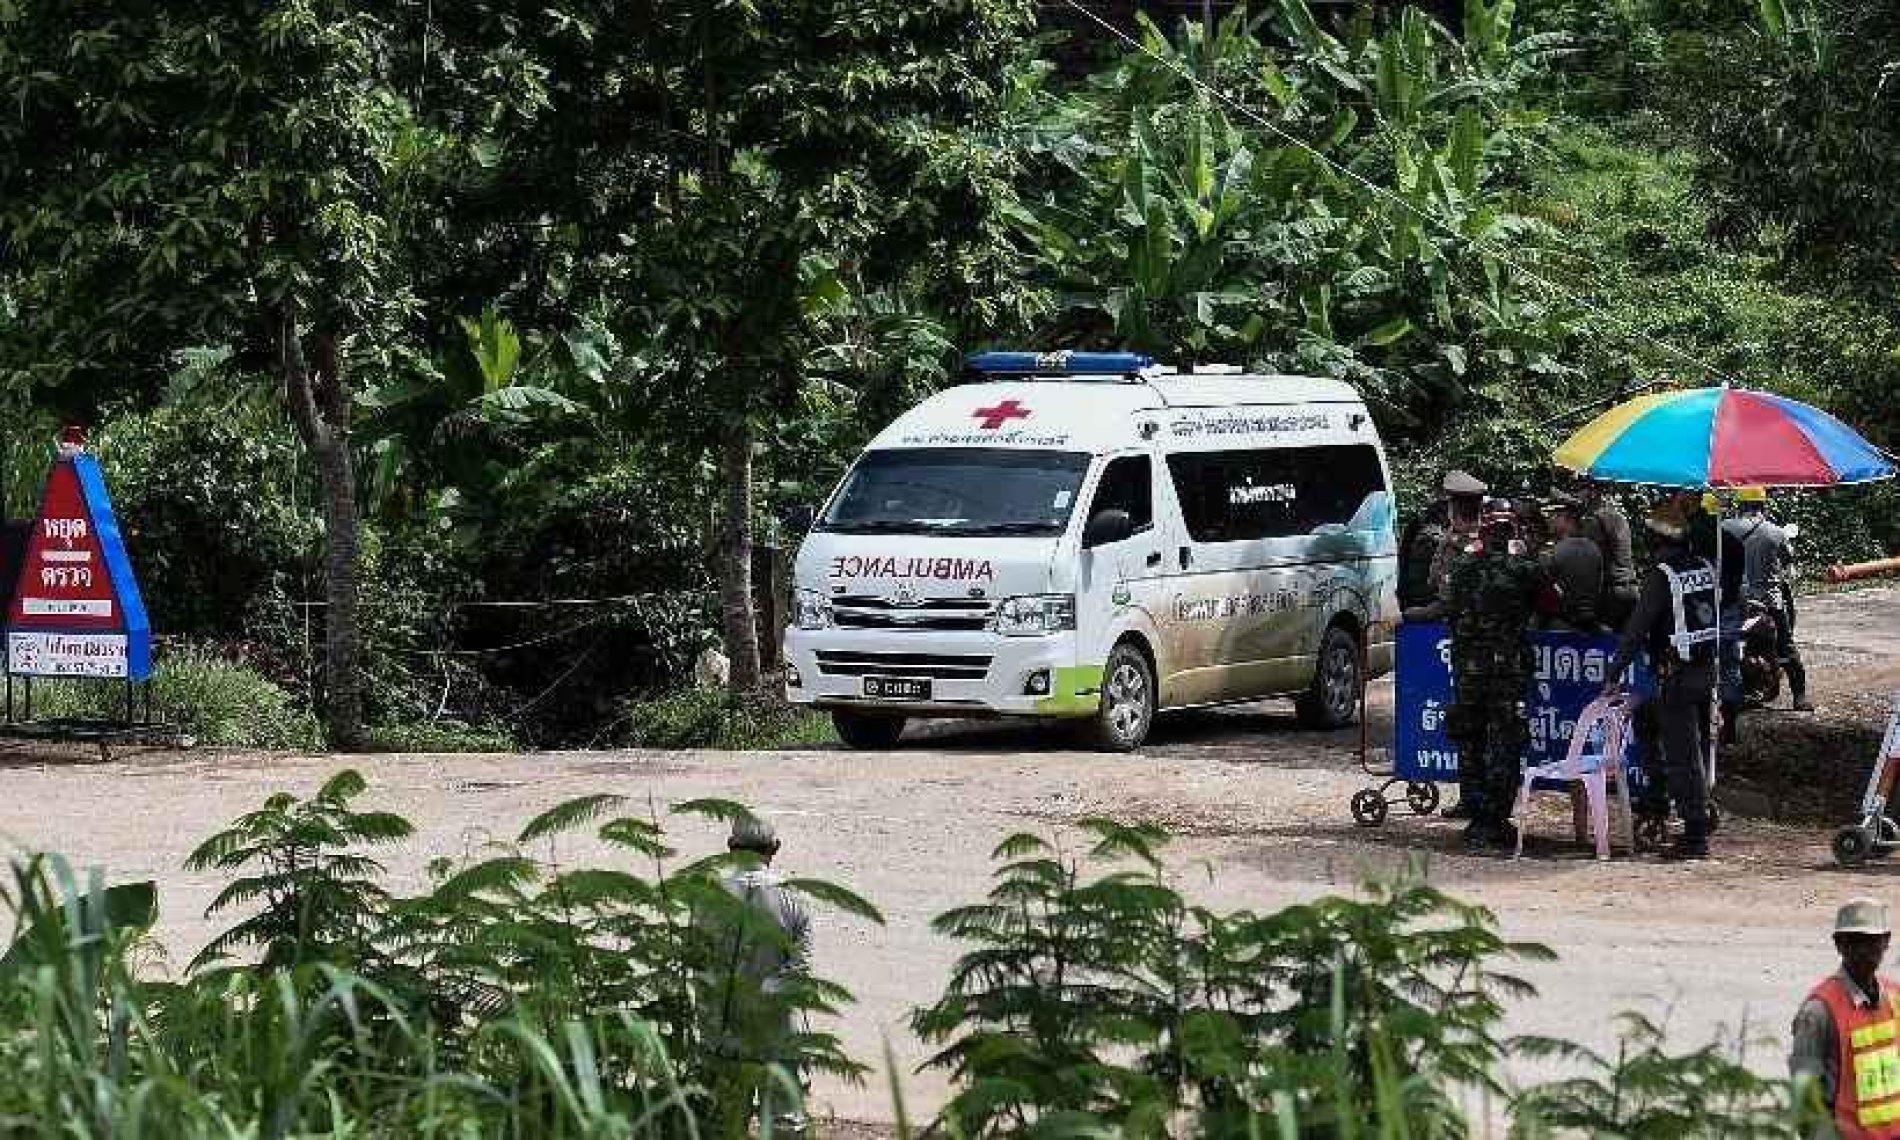 Os 12 meninos e o técnico do time de futebol são resgatados da caverna na Tailândia